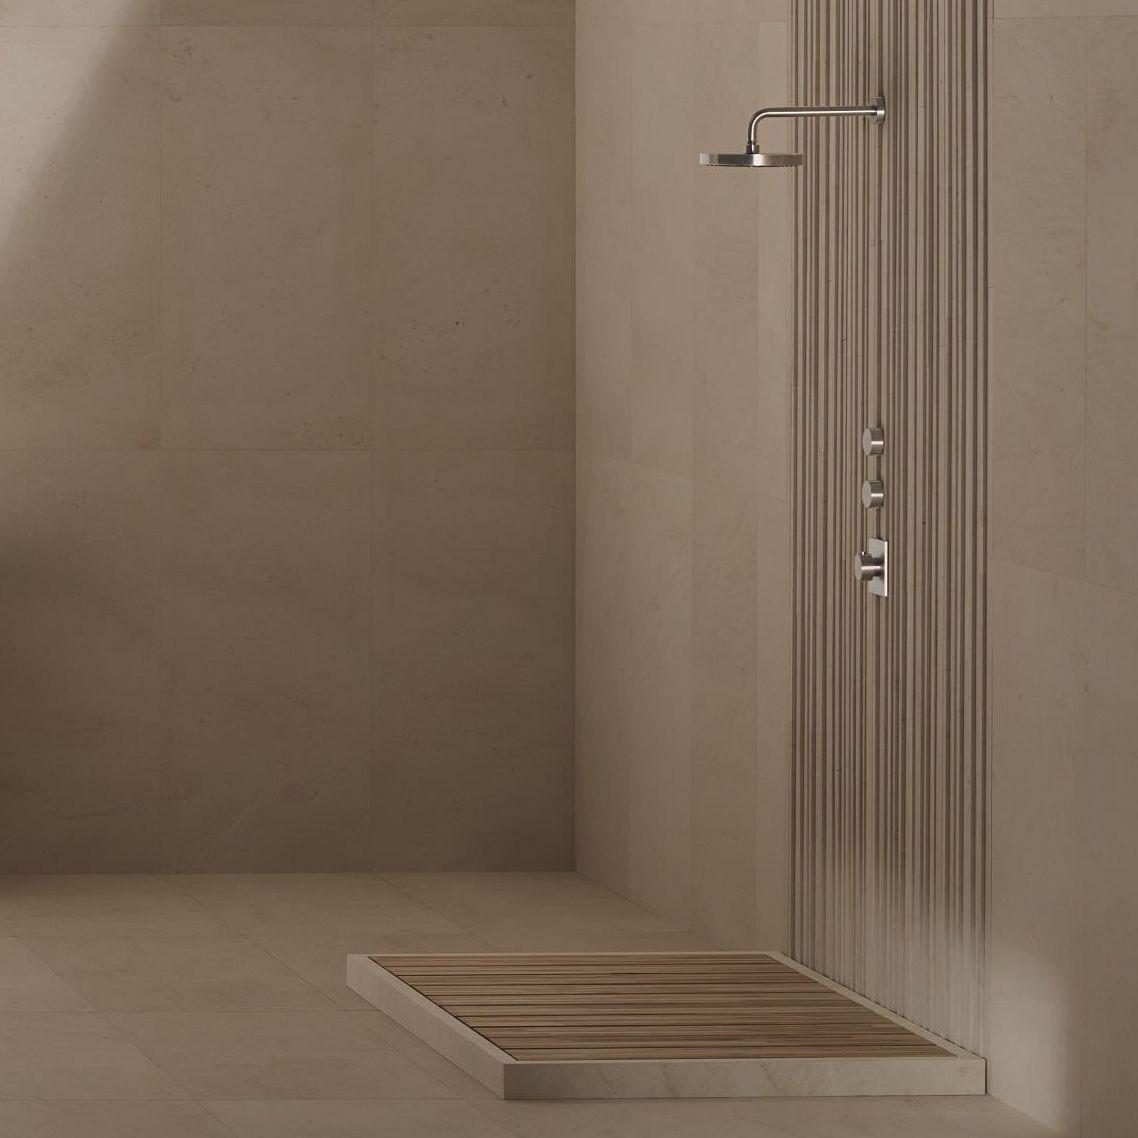 Pierre Naturelle Douche concernant receveur de douche rectangulaire / en pierre naturelle / en teck